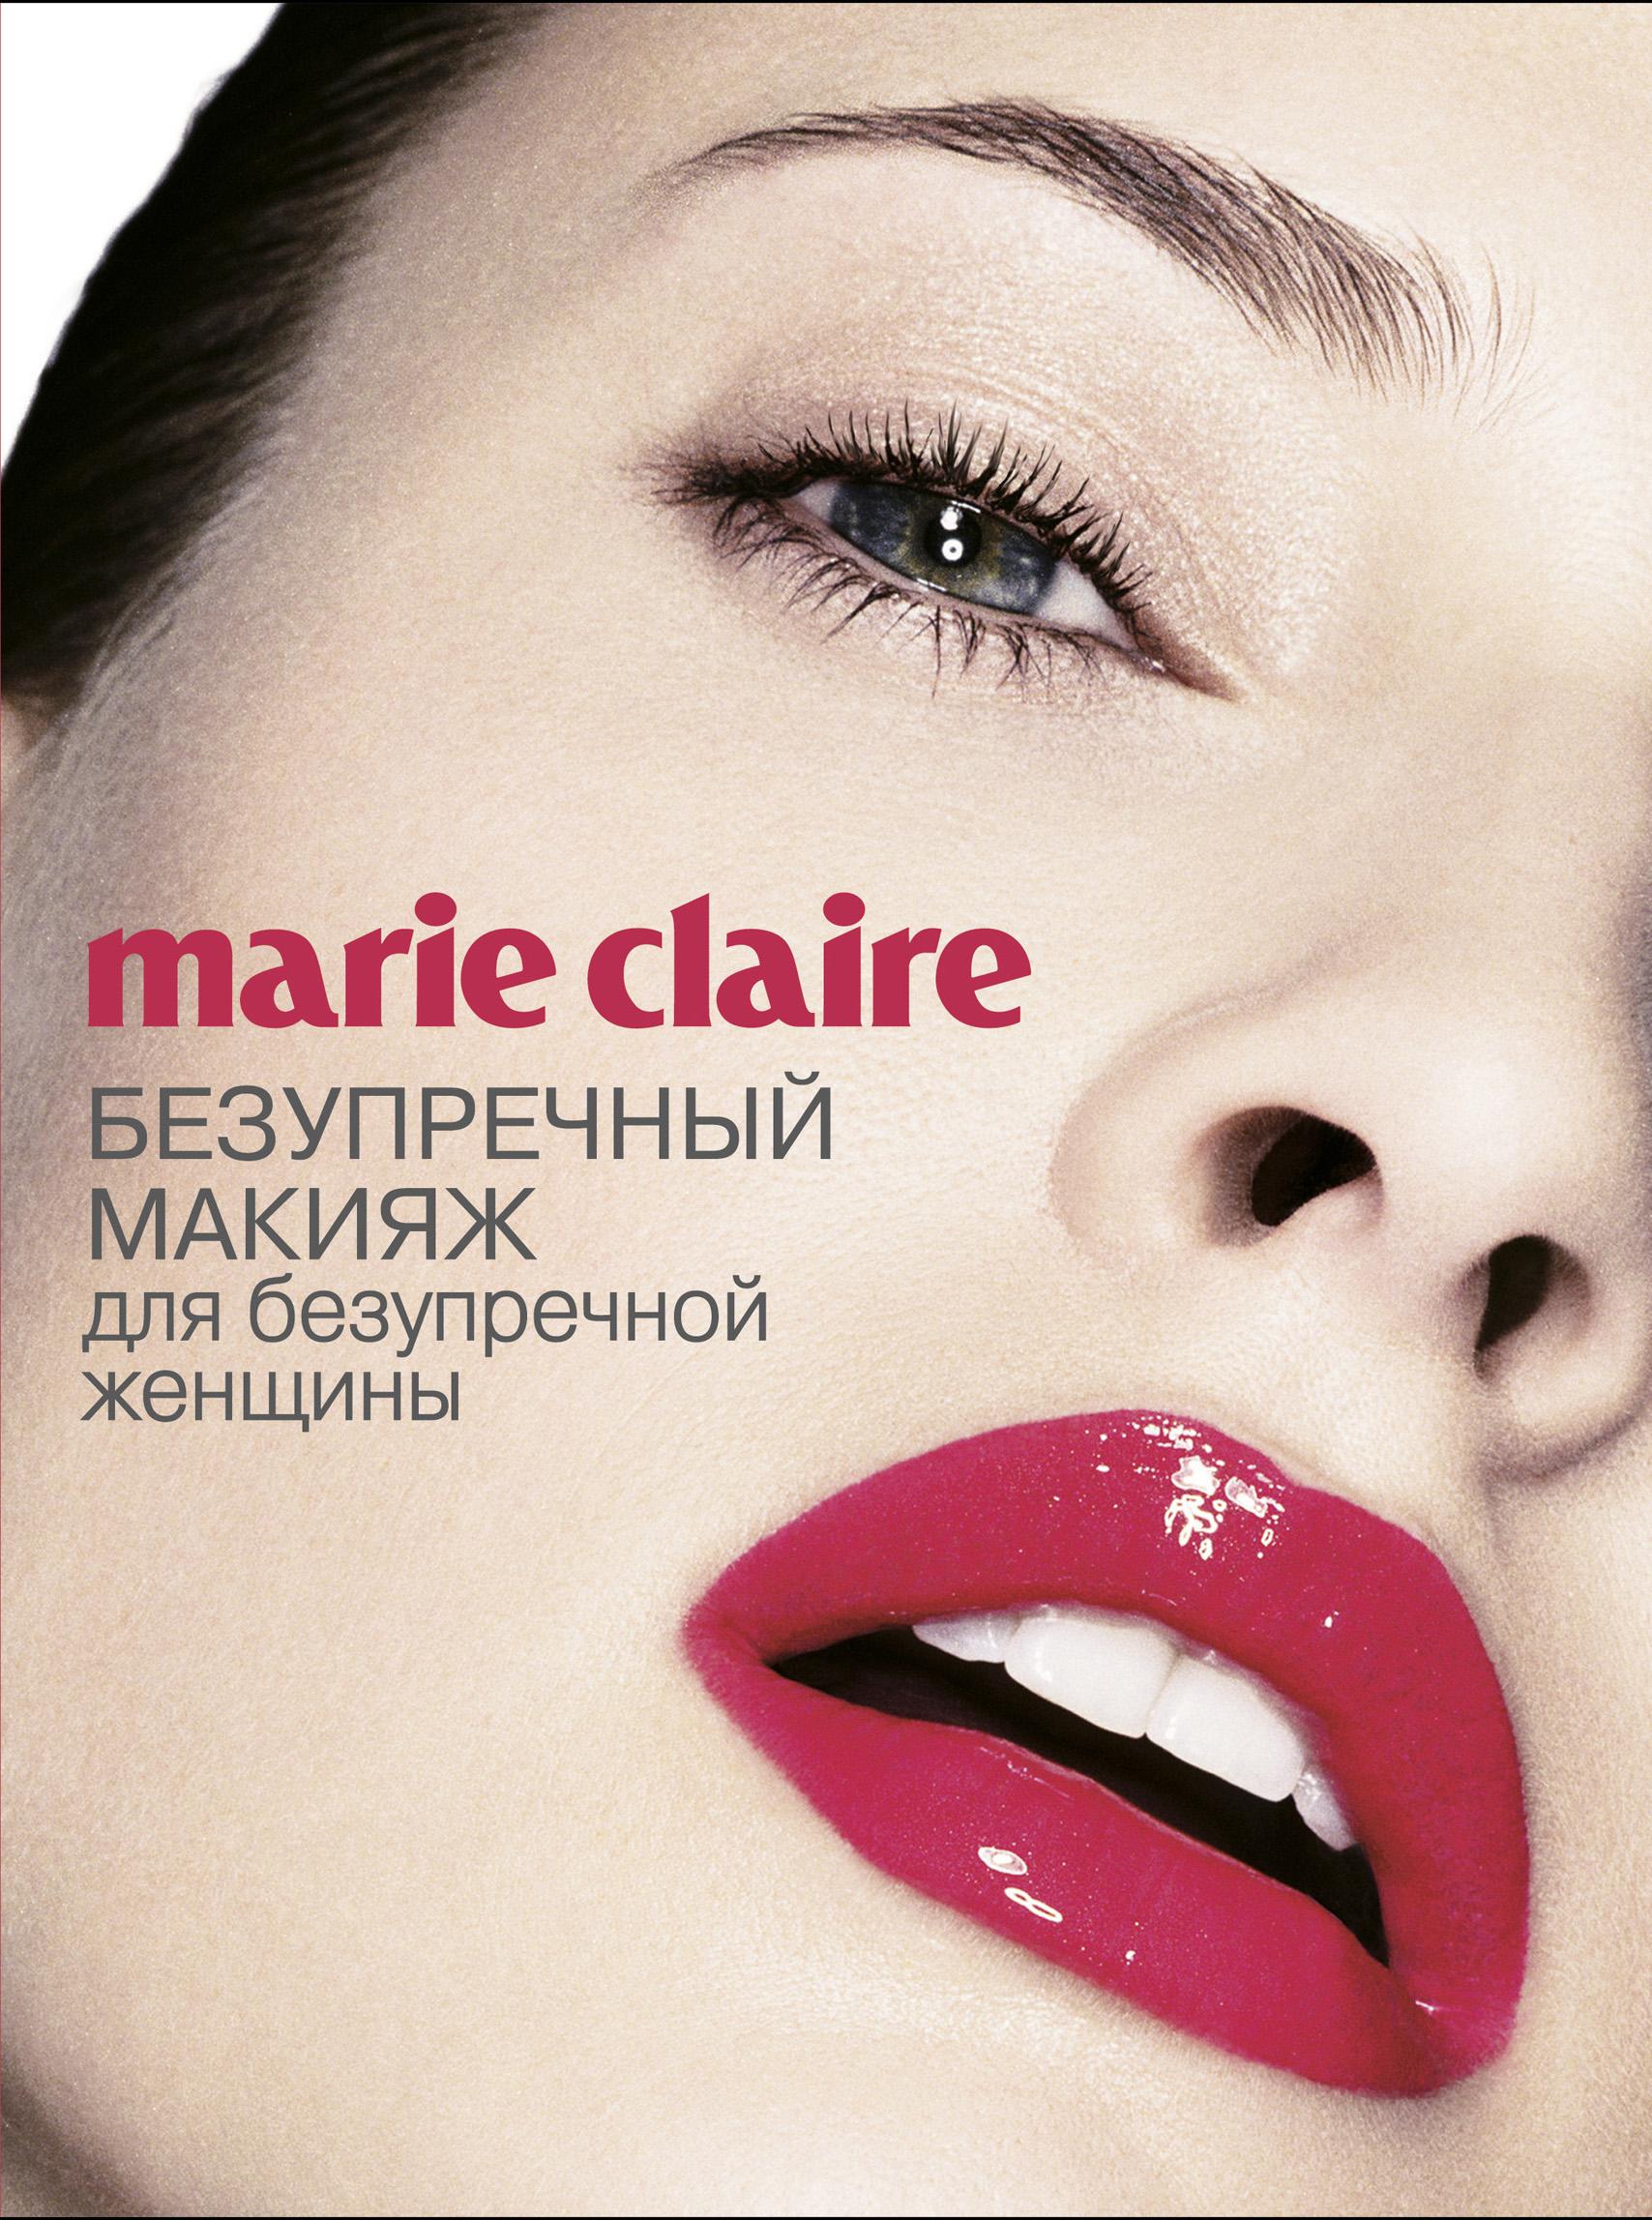 Marie Claire. Безупречный макияж для безупречной женщины (Секреты модного стиля от успешных журналов (обложка))